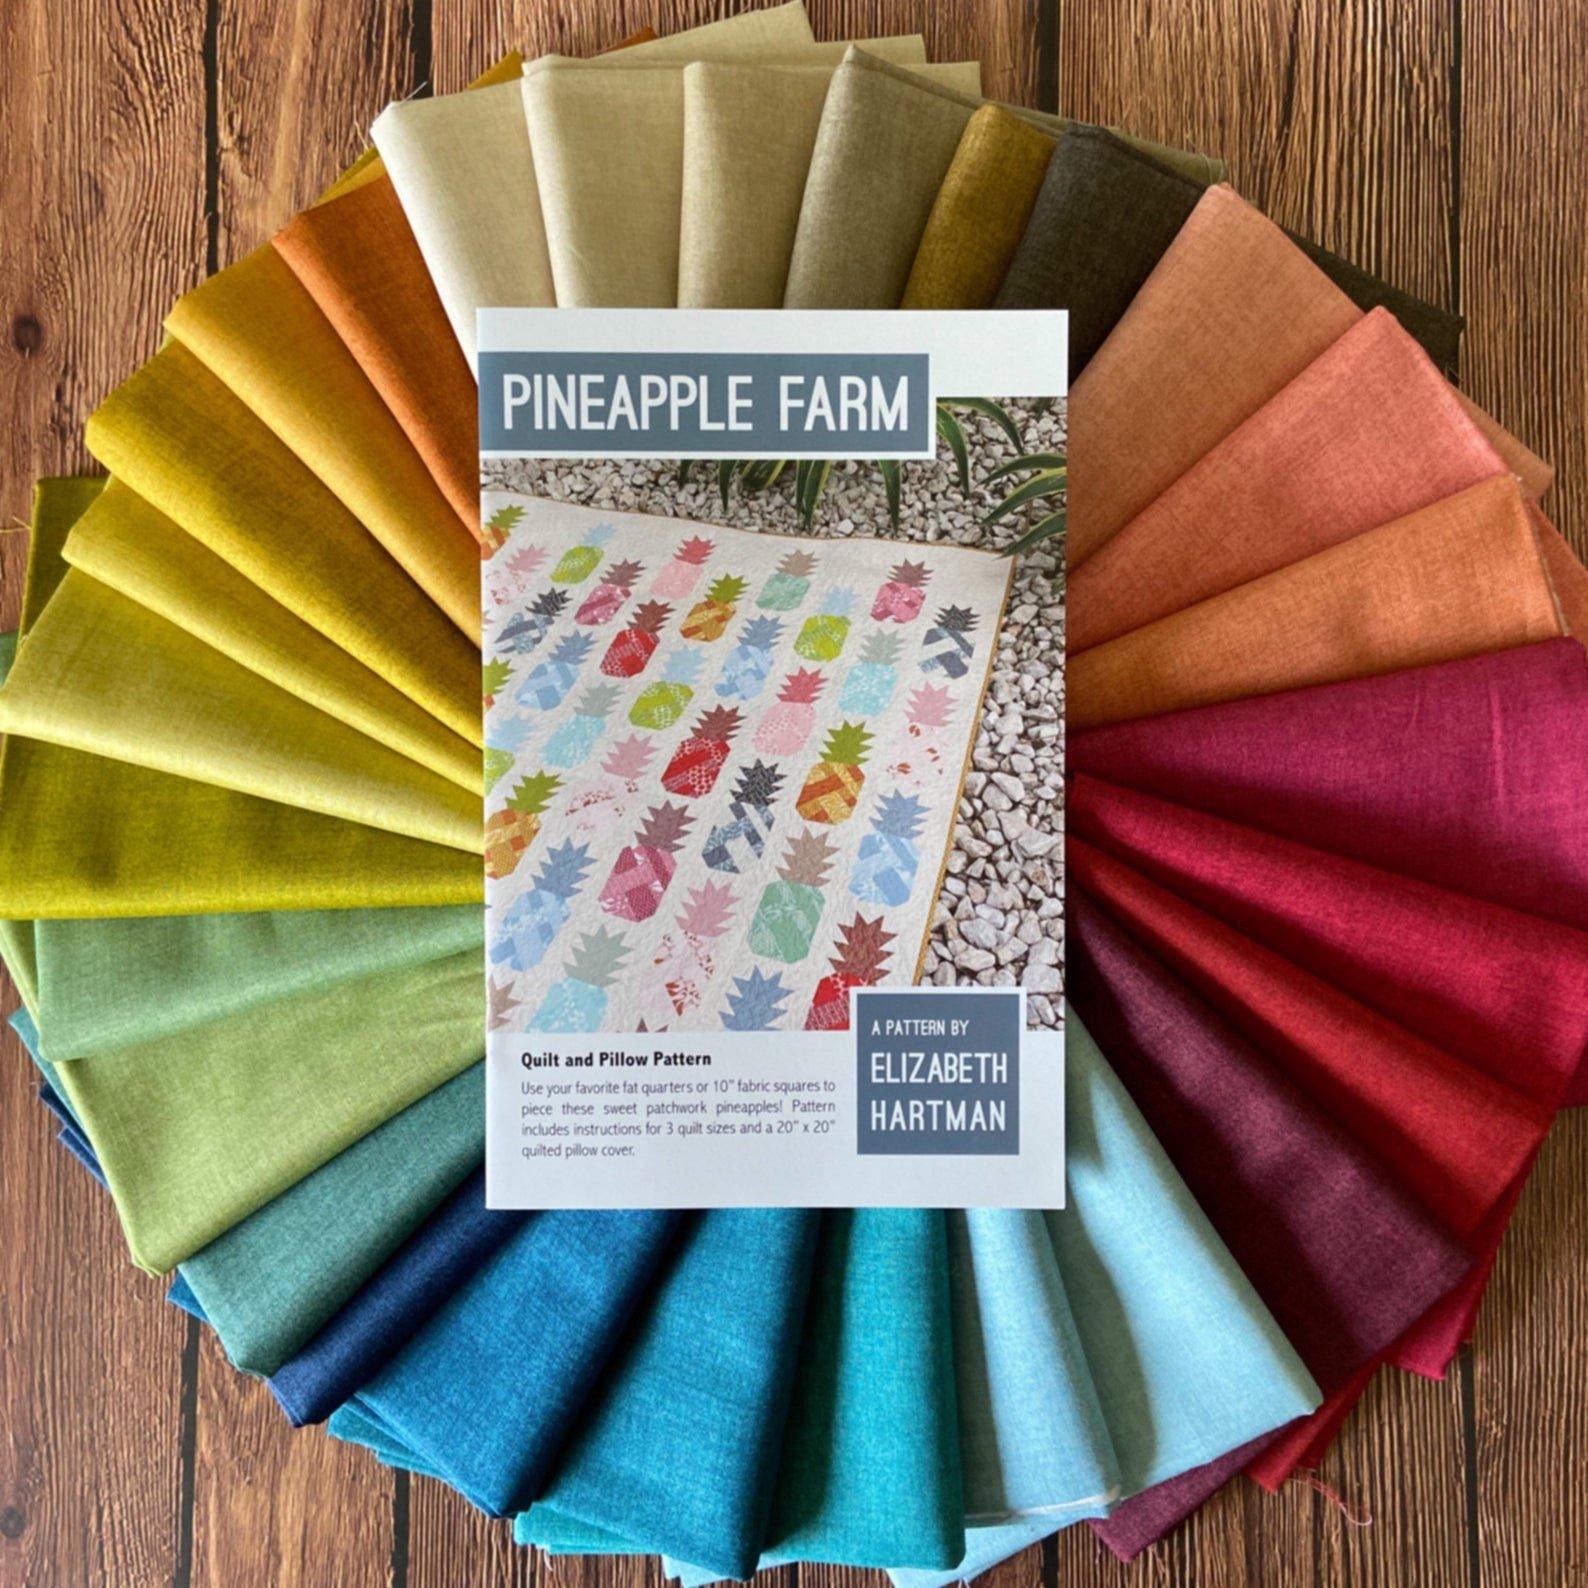 Pineapple Farm Quilt & Pillow Kit